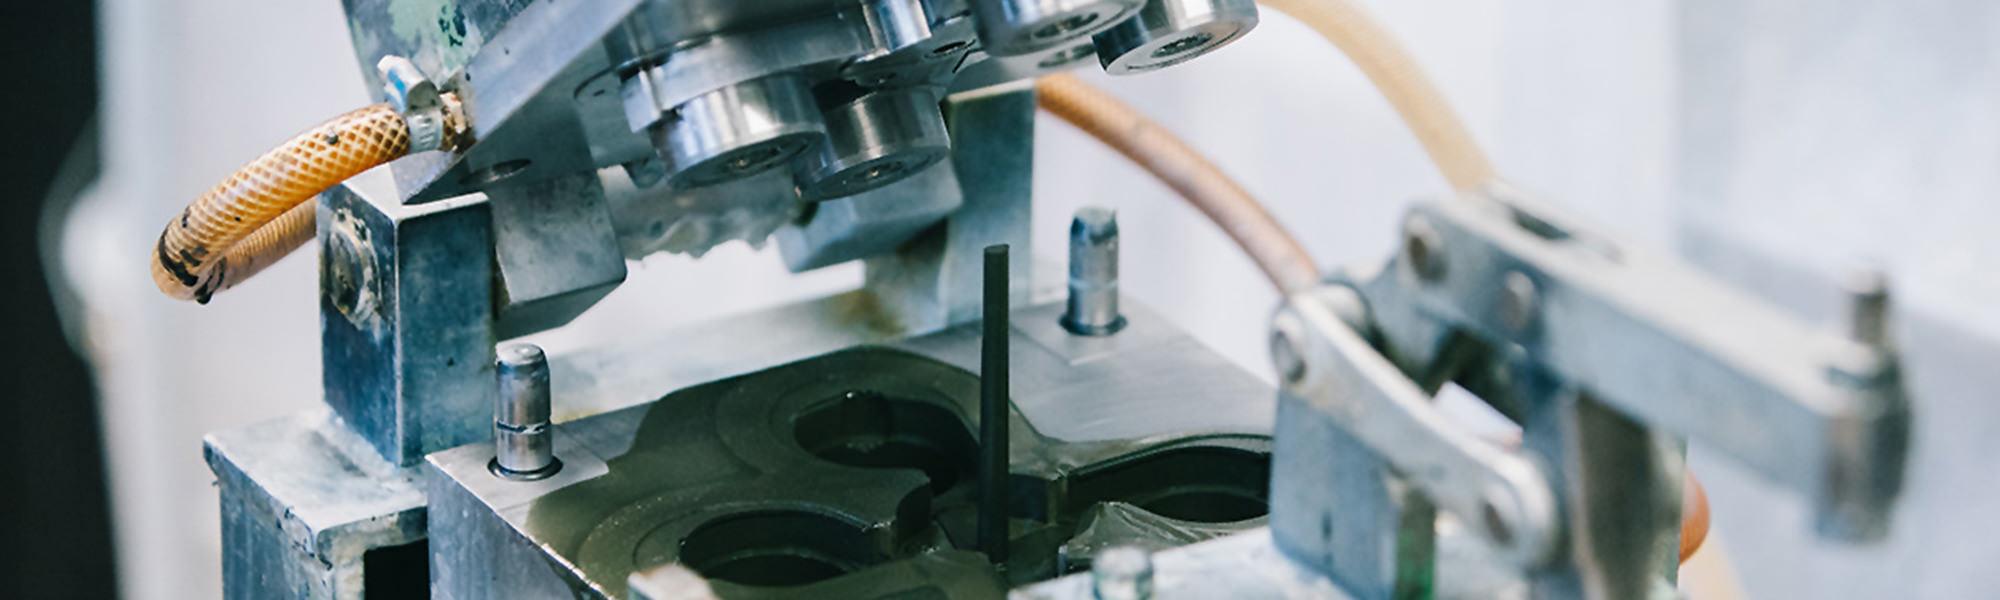 Schaumwerkzeug Reaction Injection Moulding RIM Schäumen Motorsport Automotive Wehrtechnik.jpg